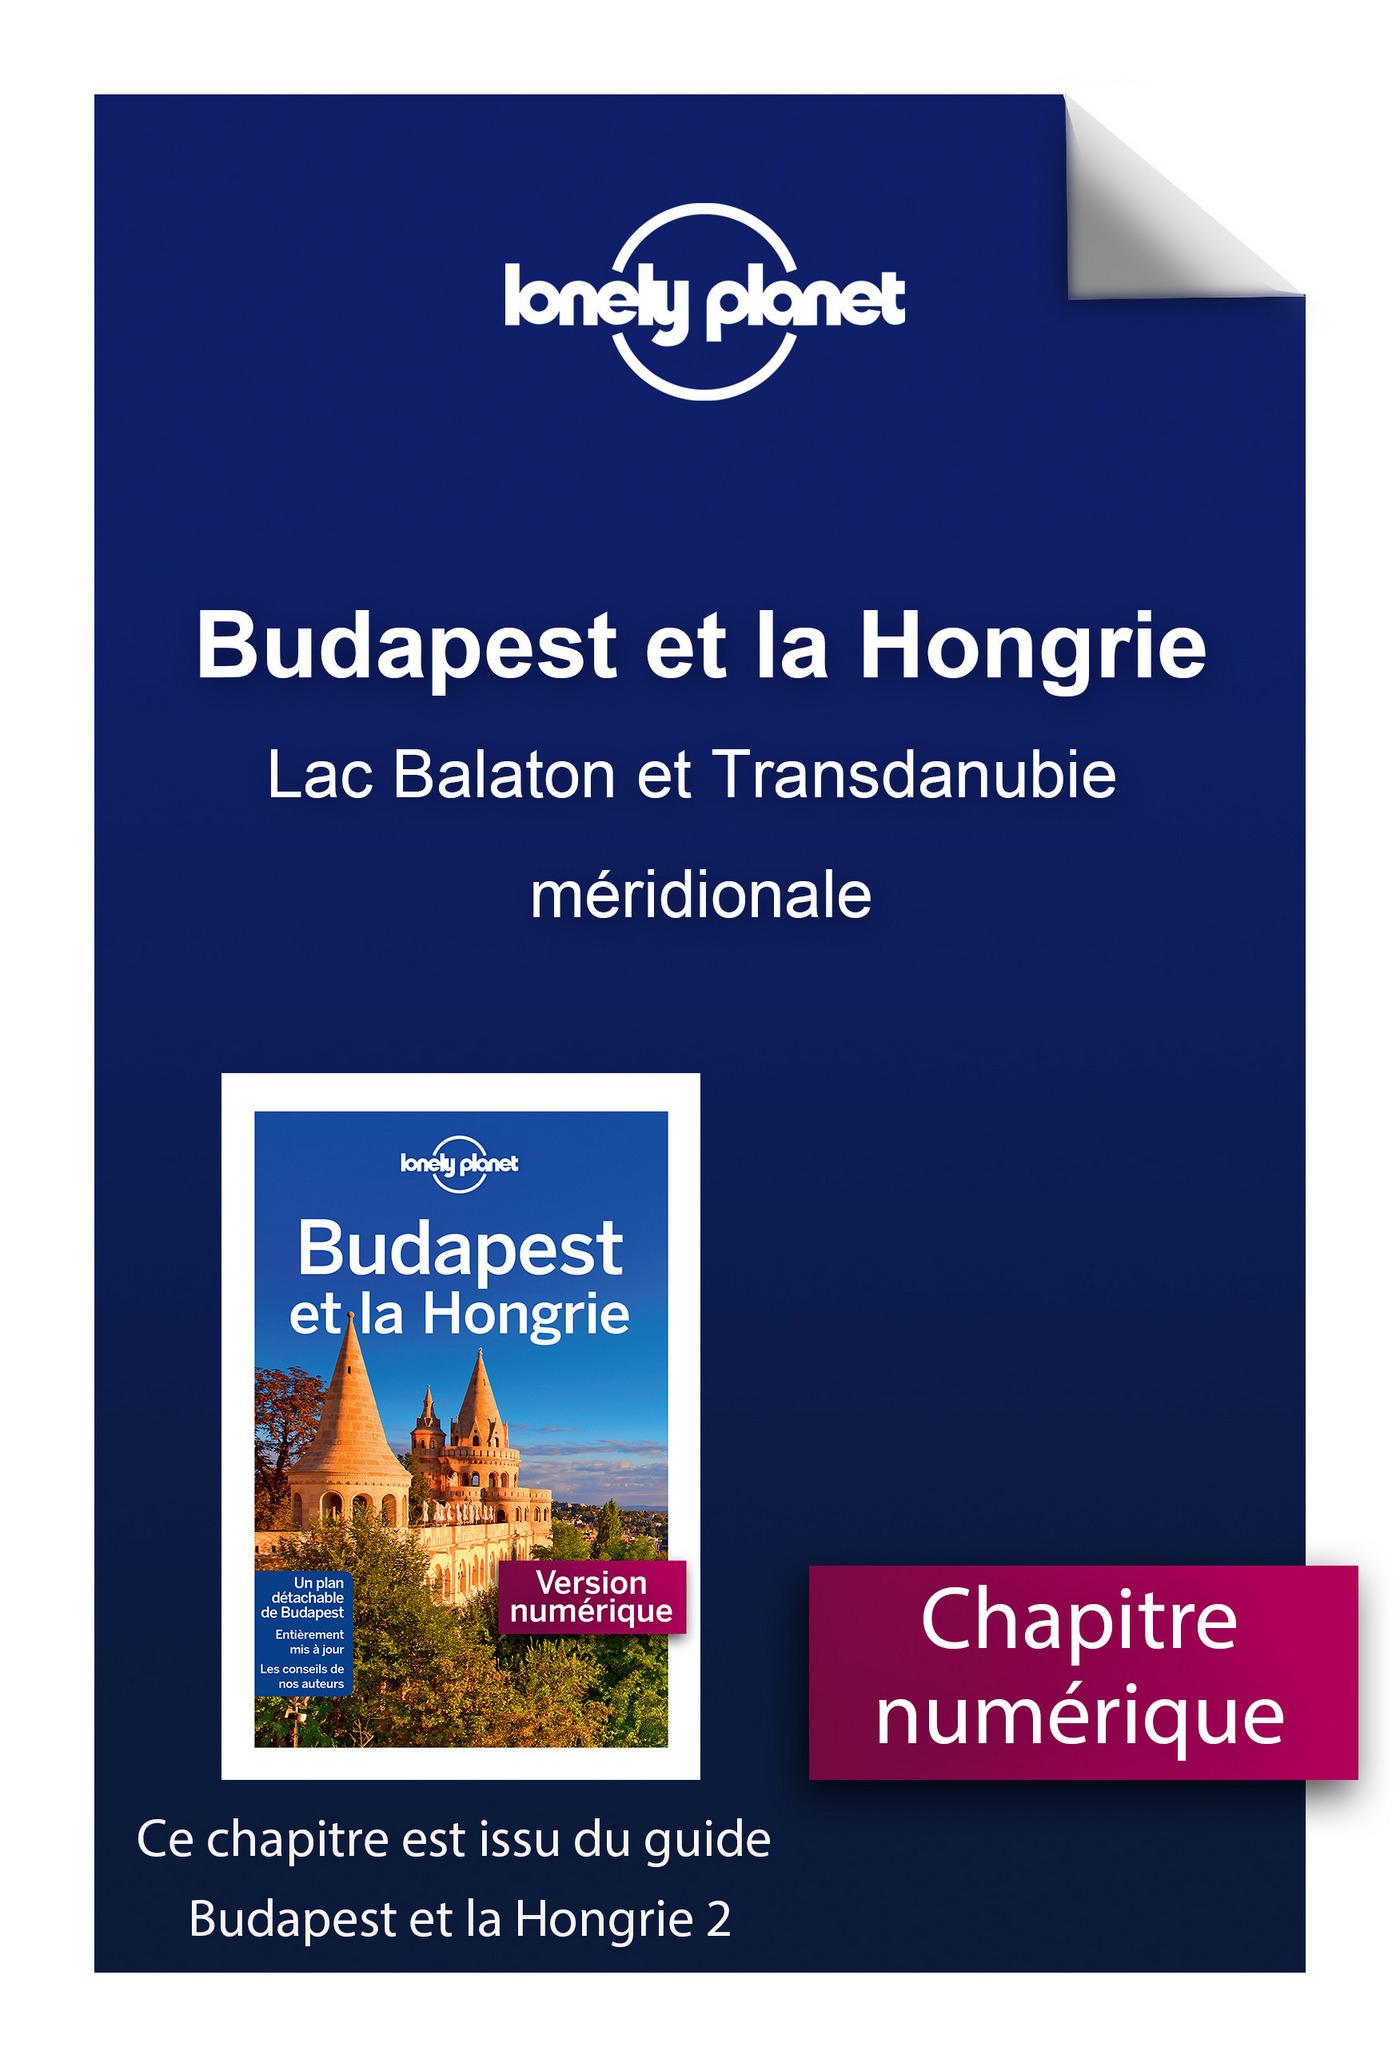 Budapest et la Hongrie - Lac Balaton et Transdanubie méridionale